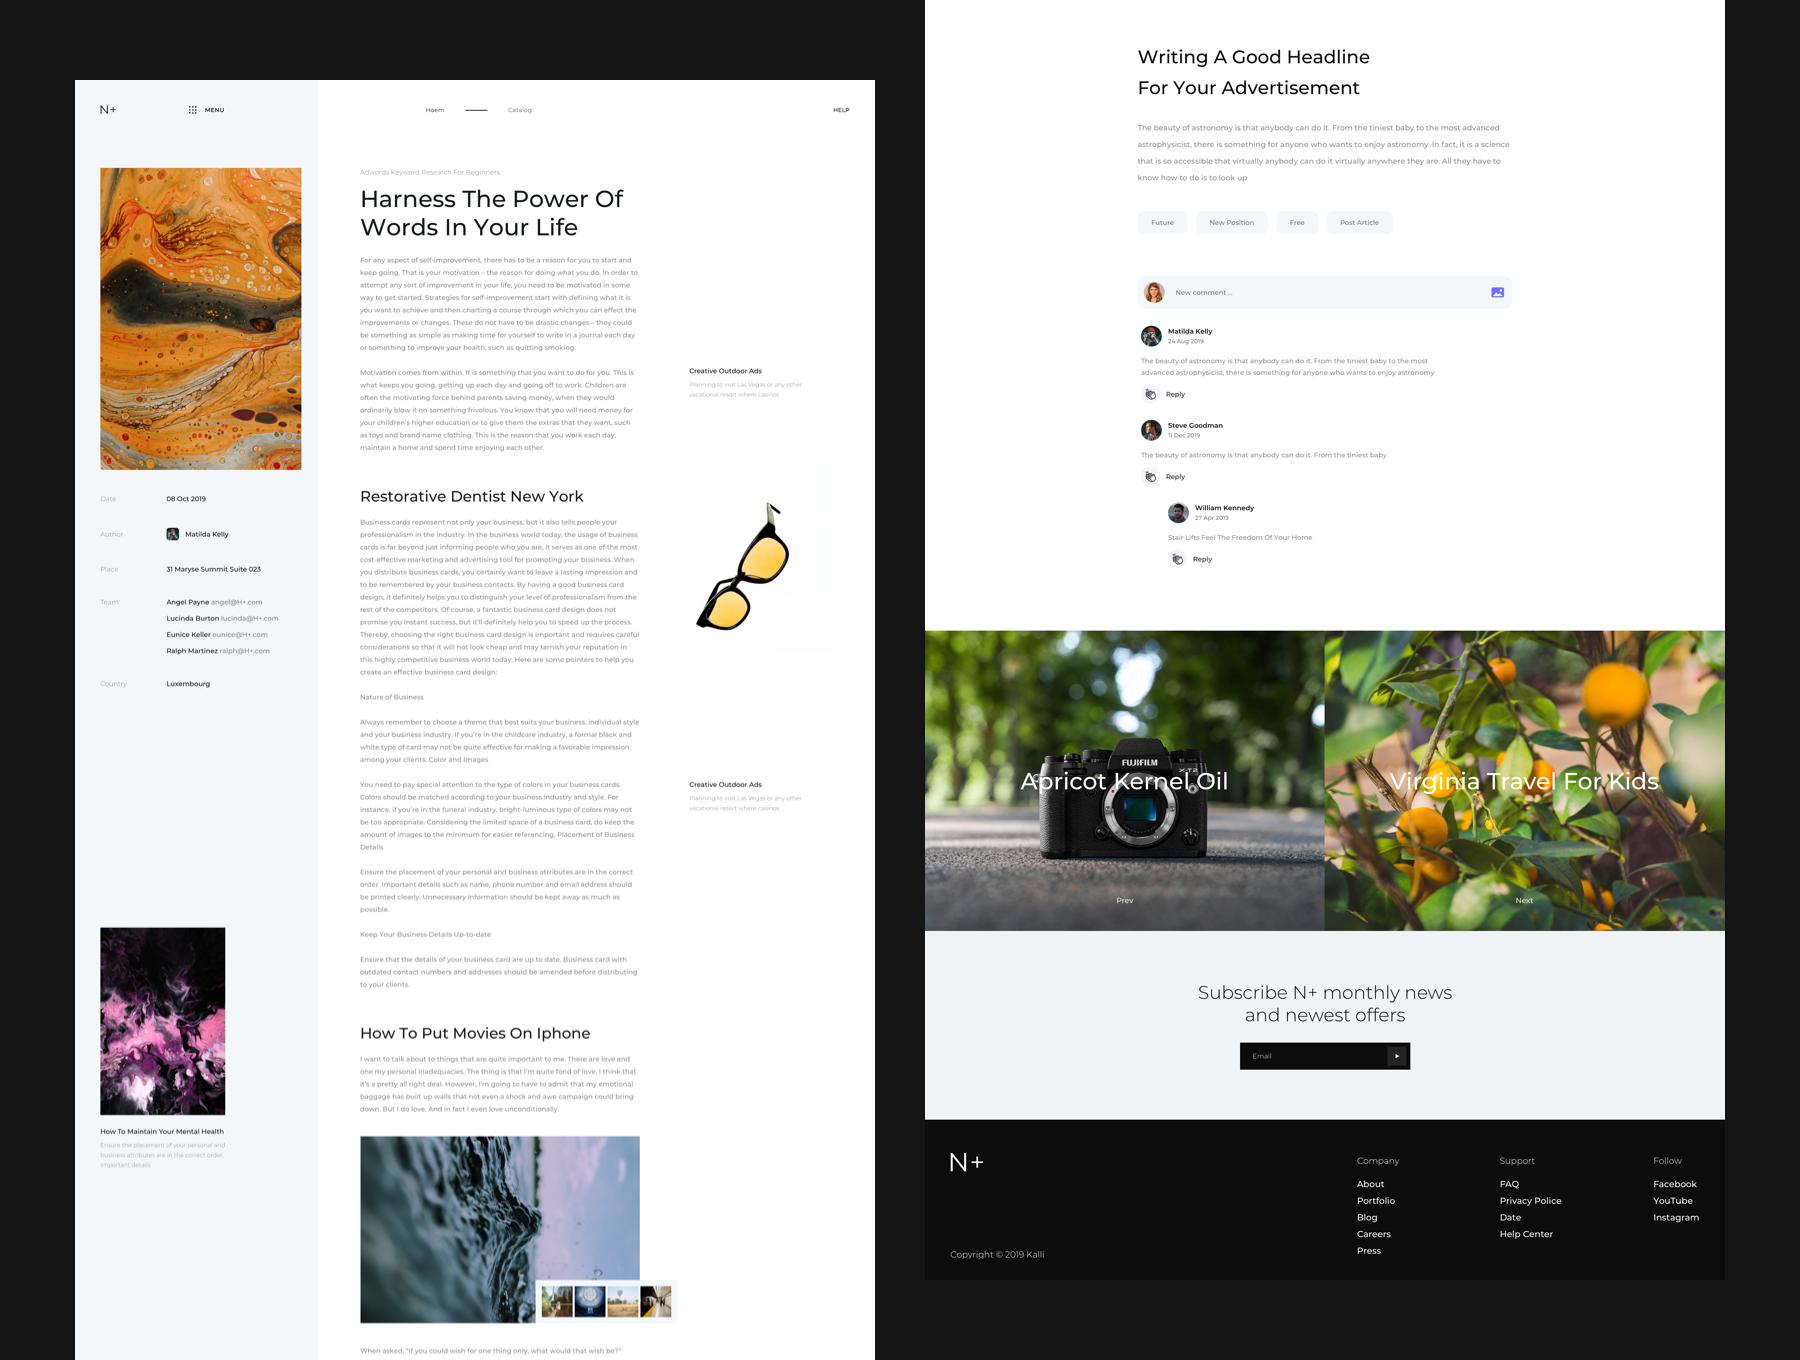 品牌产品电商官网模板下载[Sketch,Fig] H+ Web UI Kit